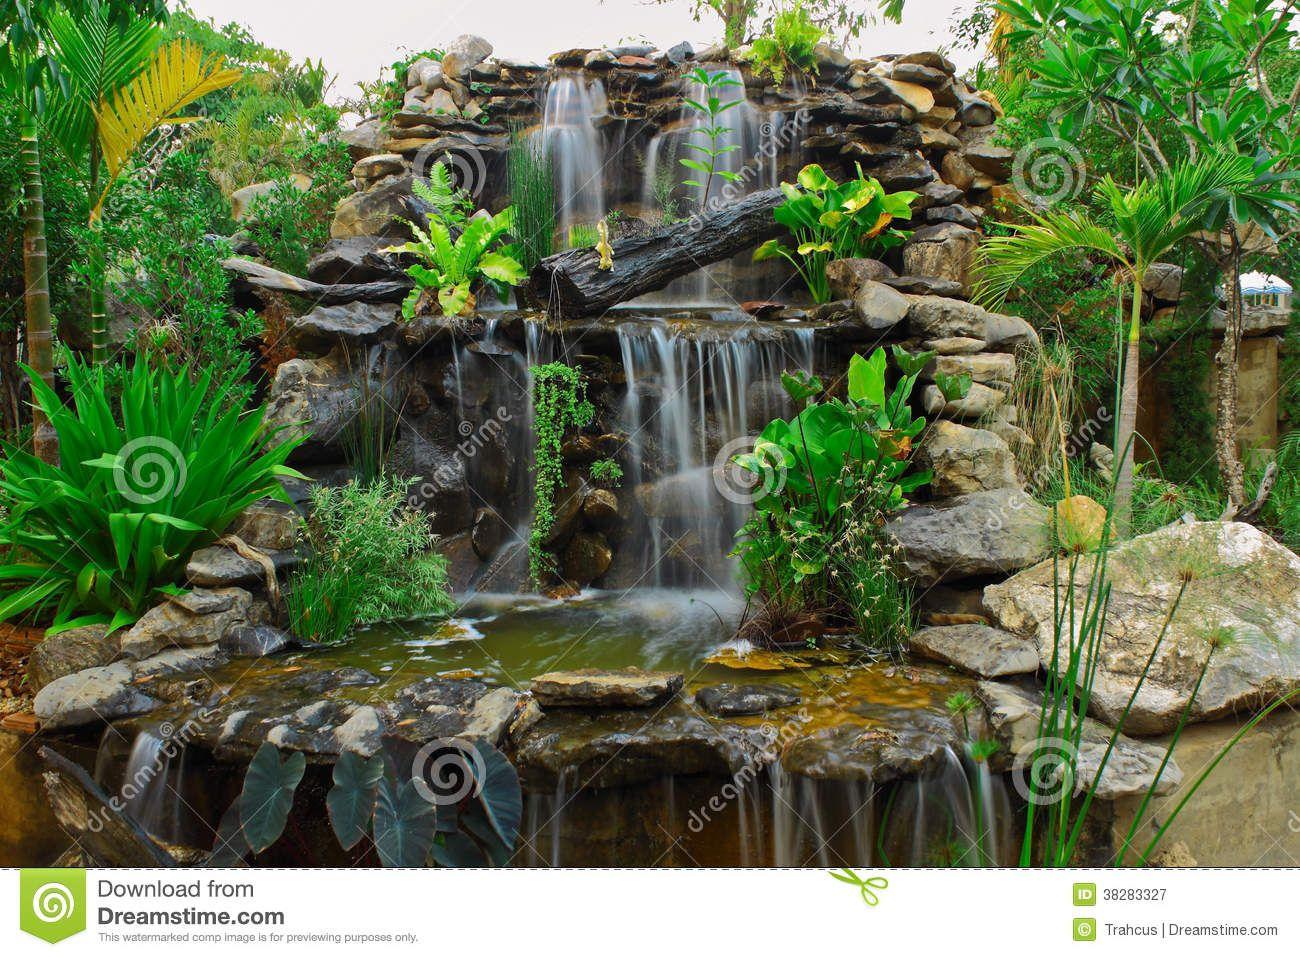 M s de 25 ideas incre bles sobre fuentes jardin en - Como decorar un estanque ...